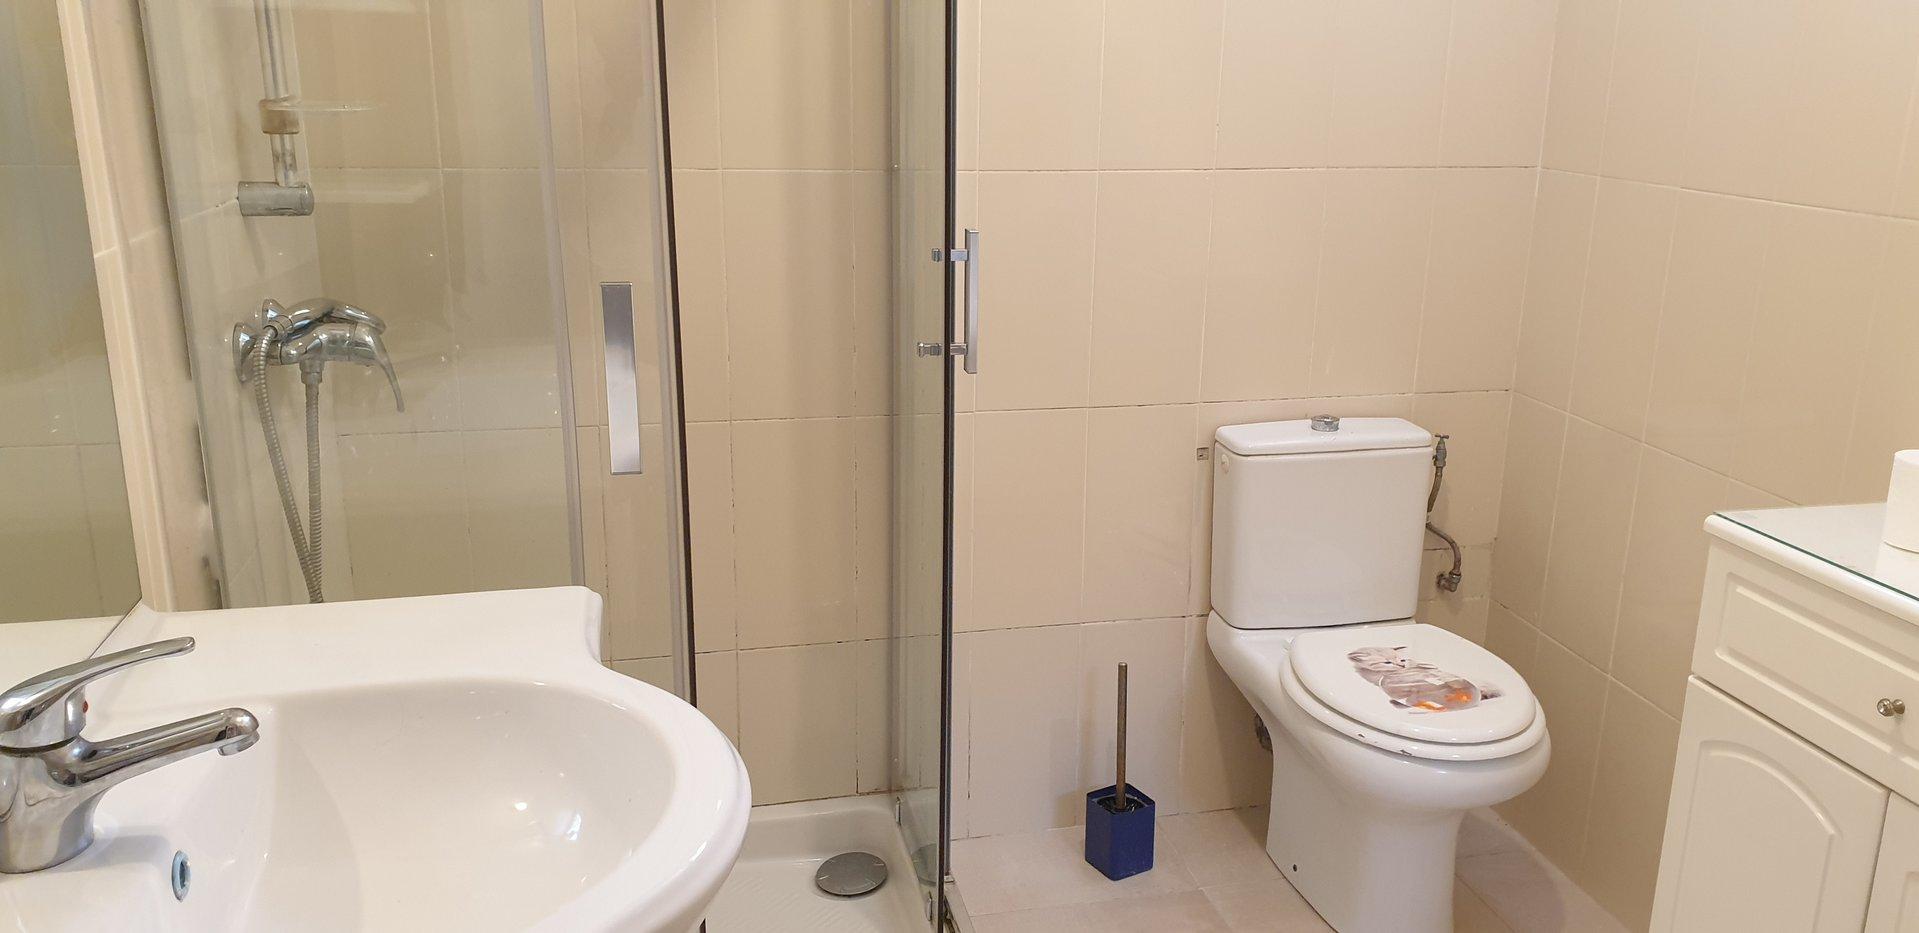 Maison 4 chambres et appartement 2 P indépendant